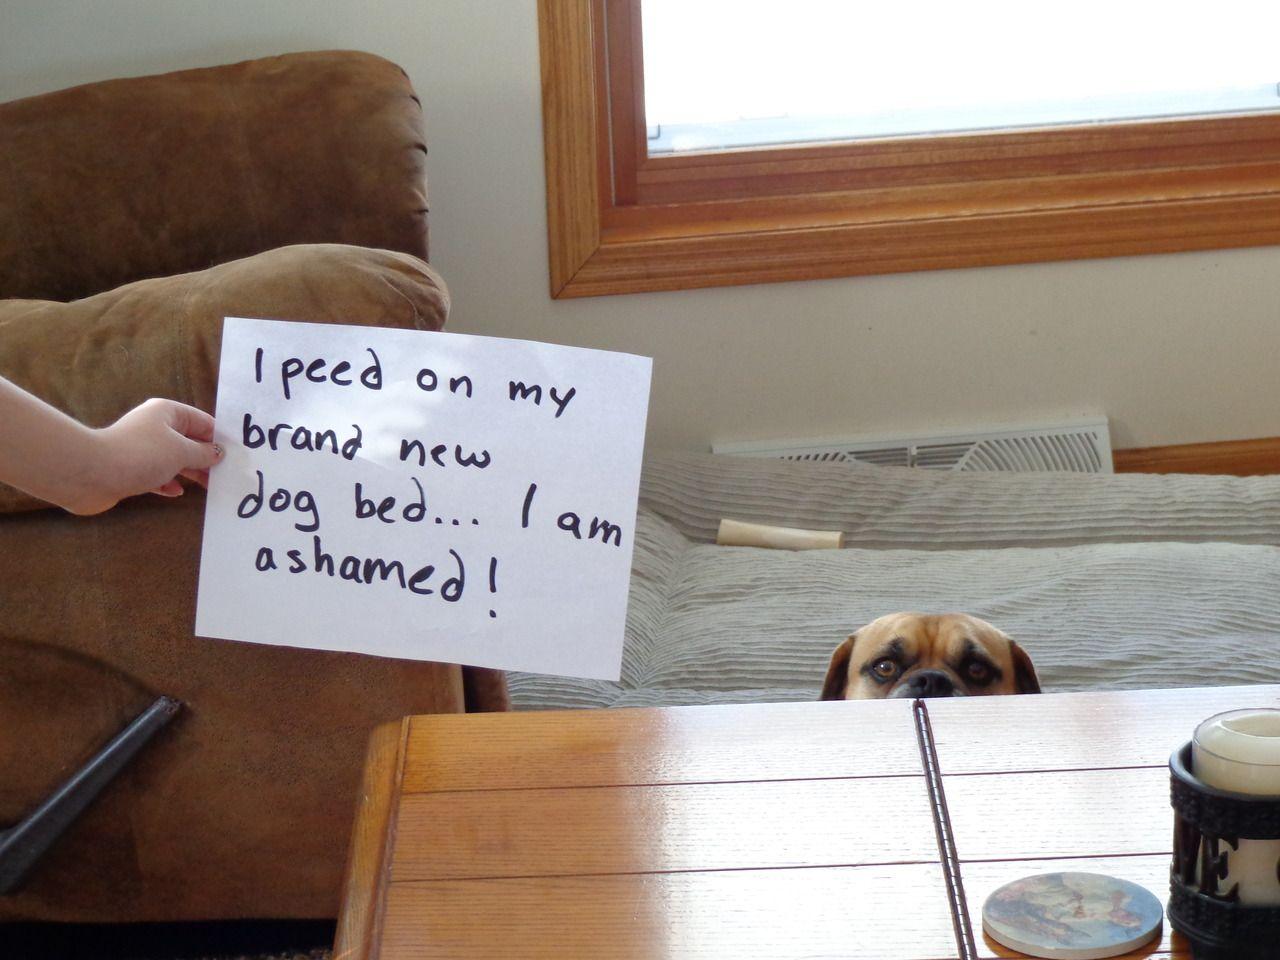 I peed on my brand new dog bed…I am ashamed! Dogs, Dog